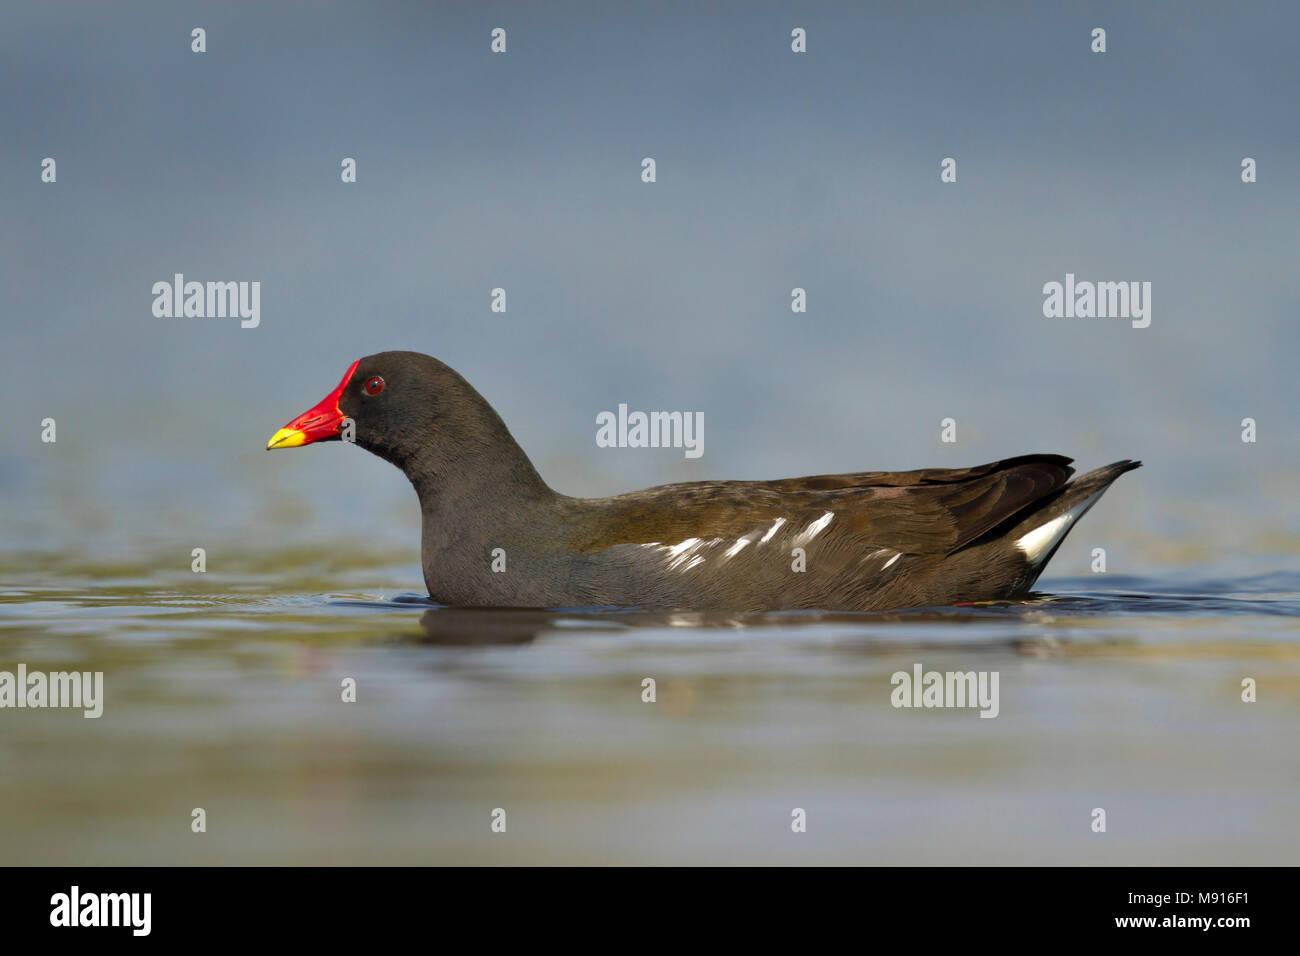 Waterhoen laagstandpunt zijzicht; Sumpfhuhn niedrige Sicht Seitenansicht; Stockbild